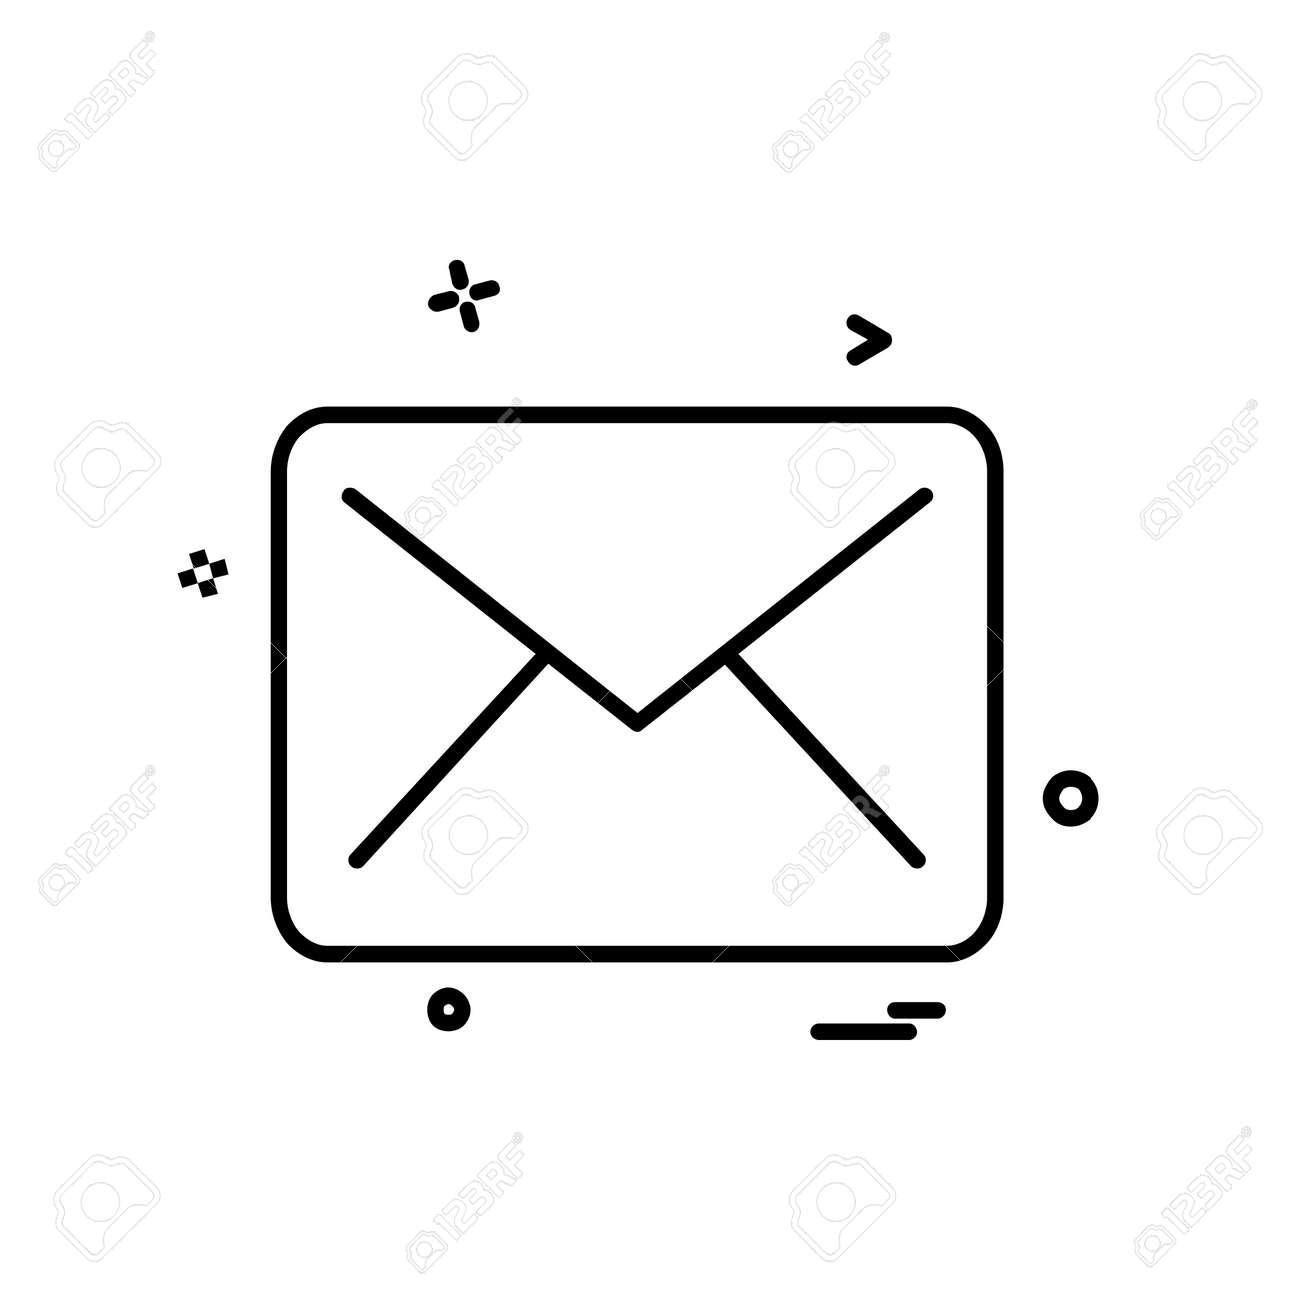 Letter icon design vector - 122160158